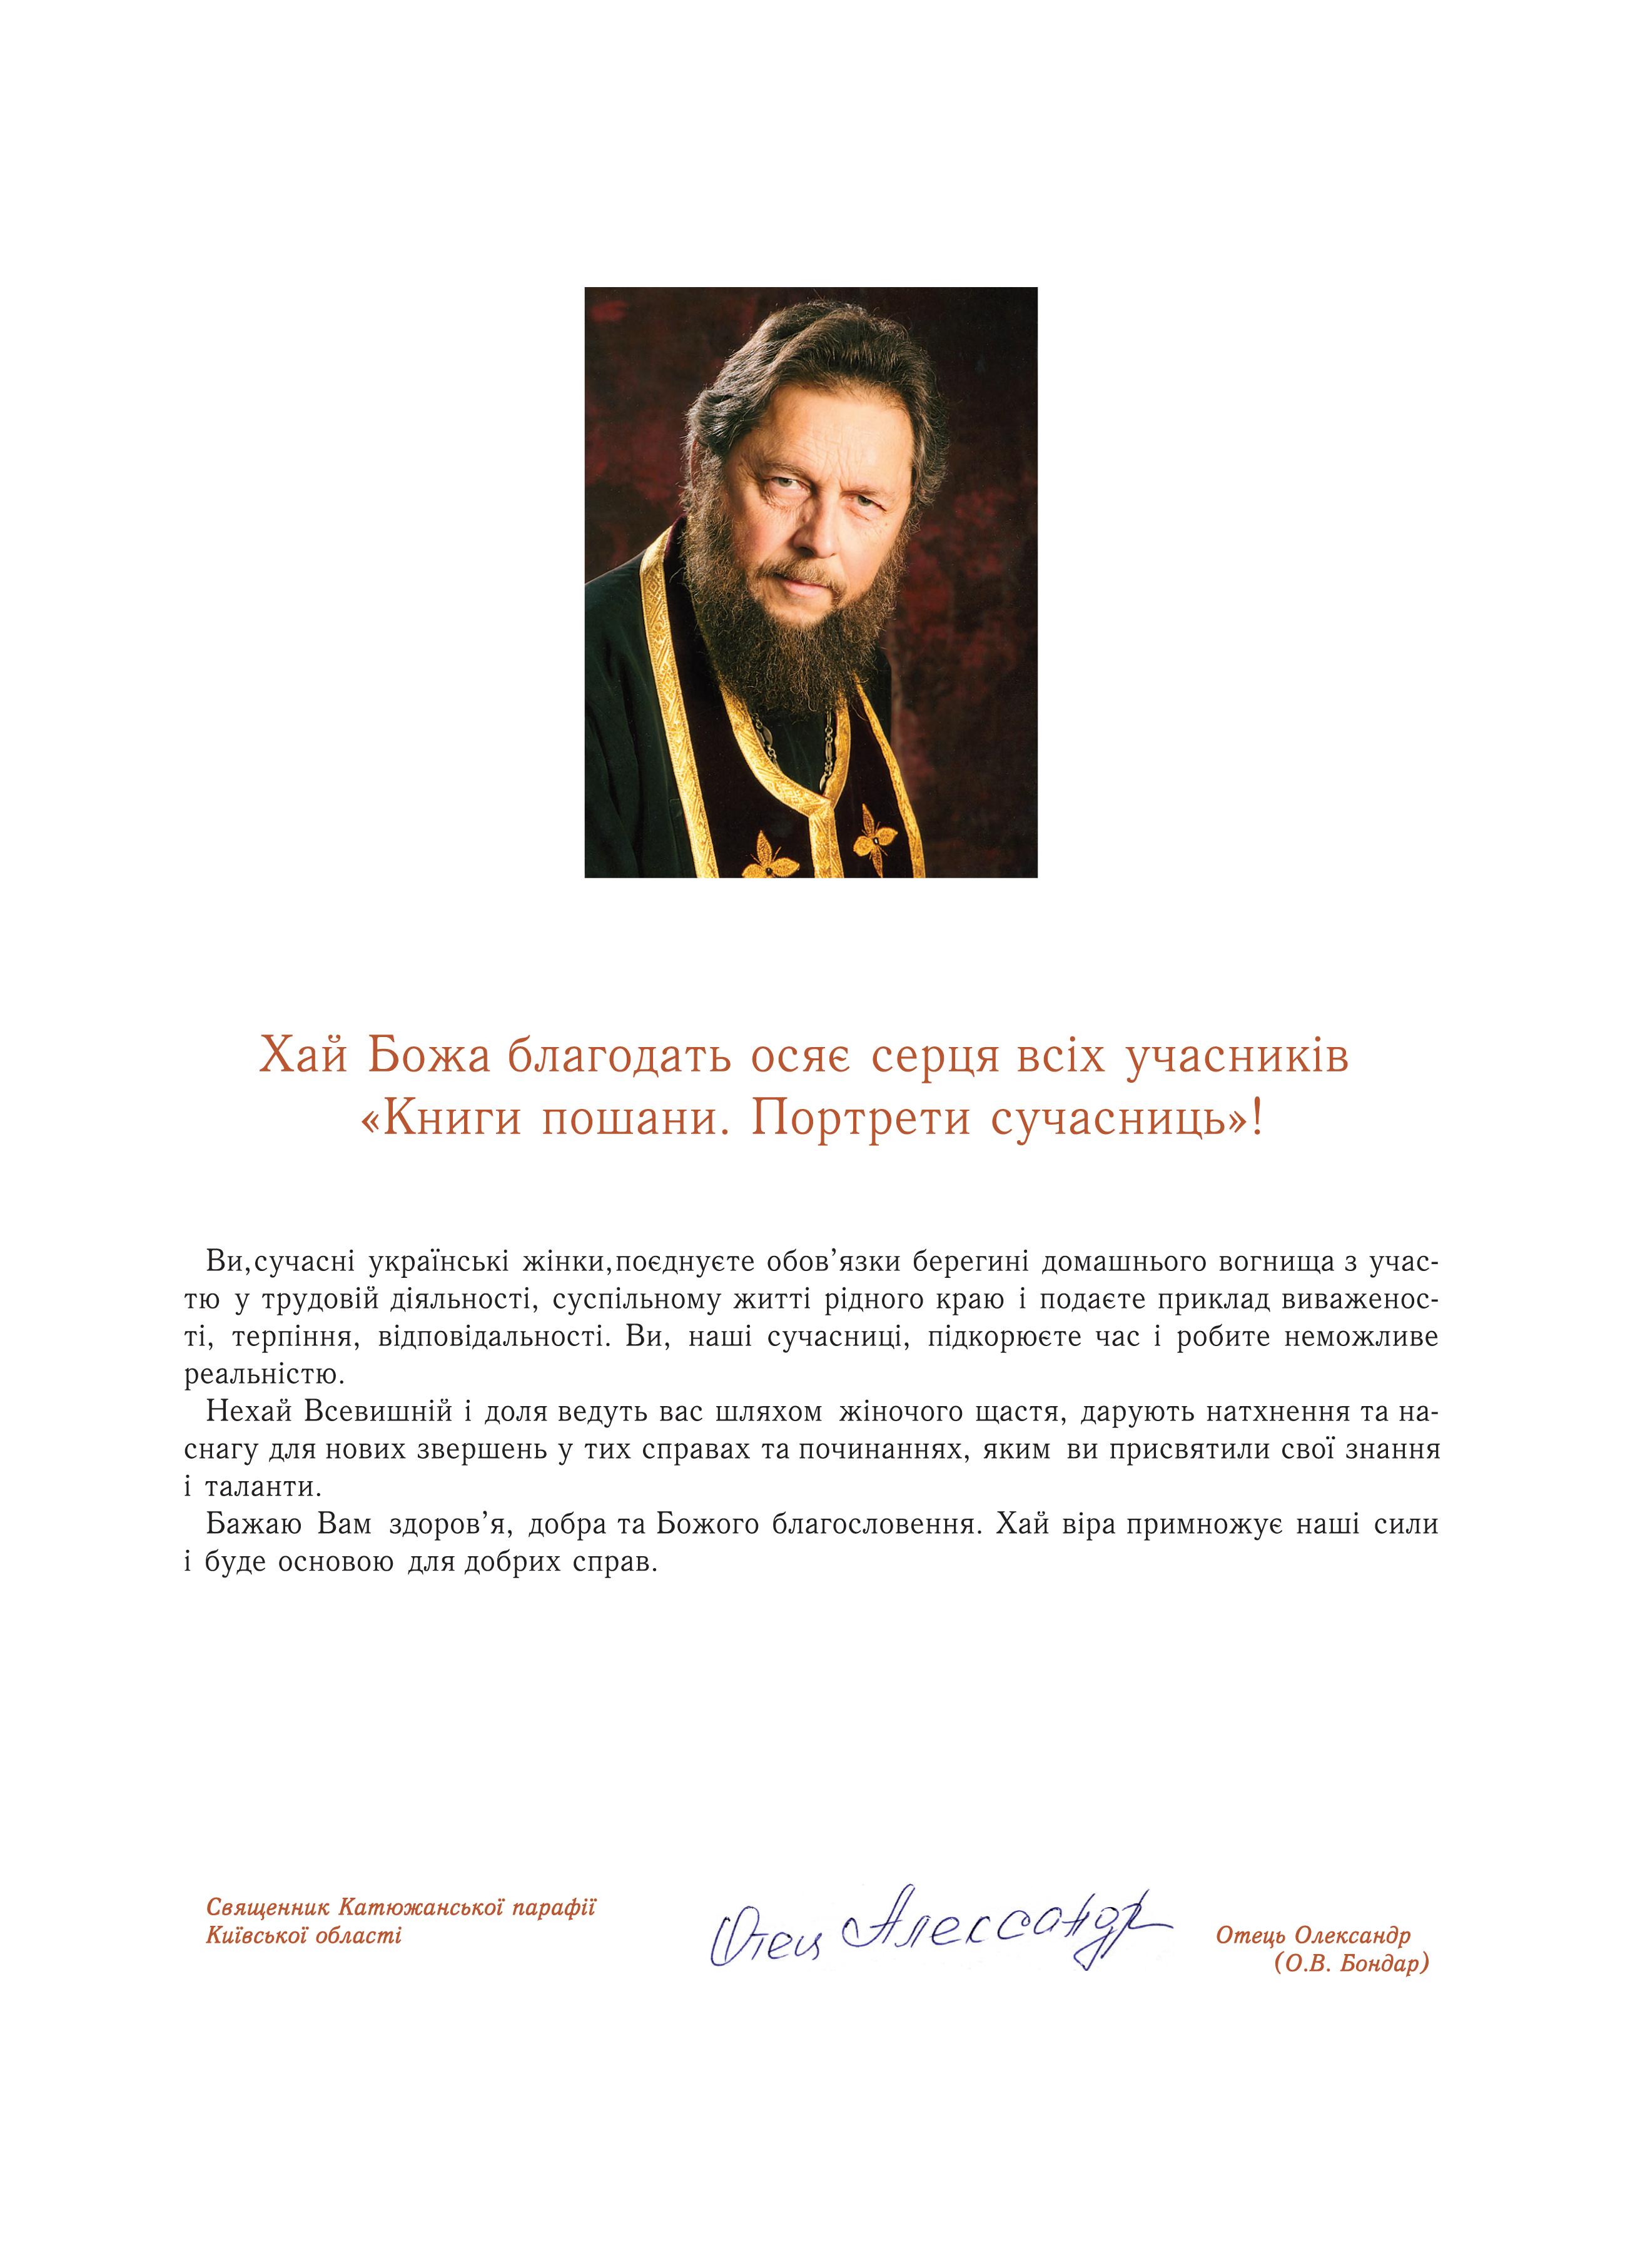 Звернення до читачів священника Катюжанської парафії Київської області Отця Олександра